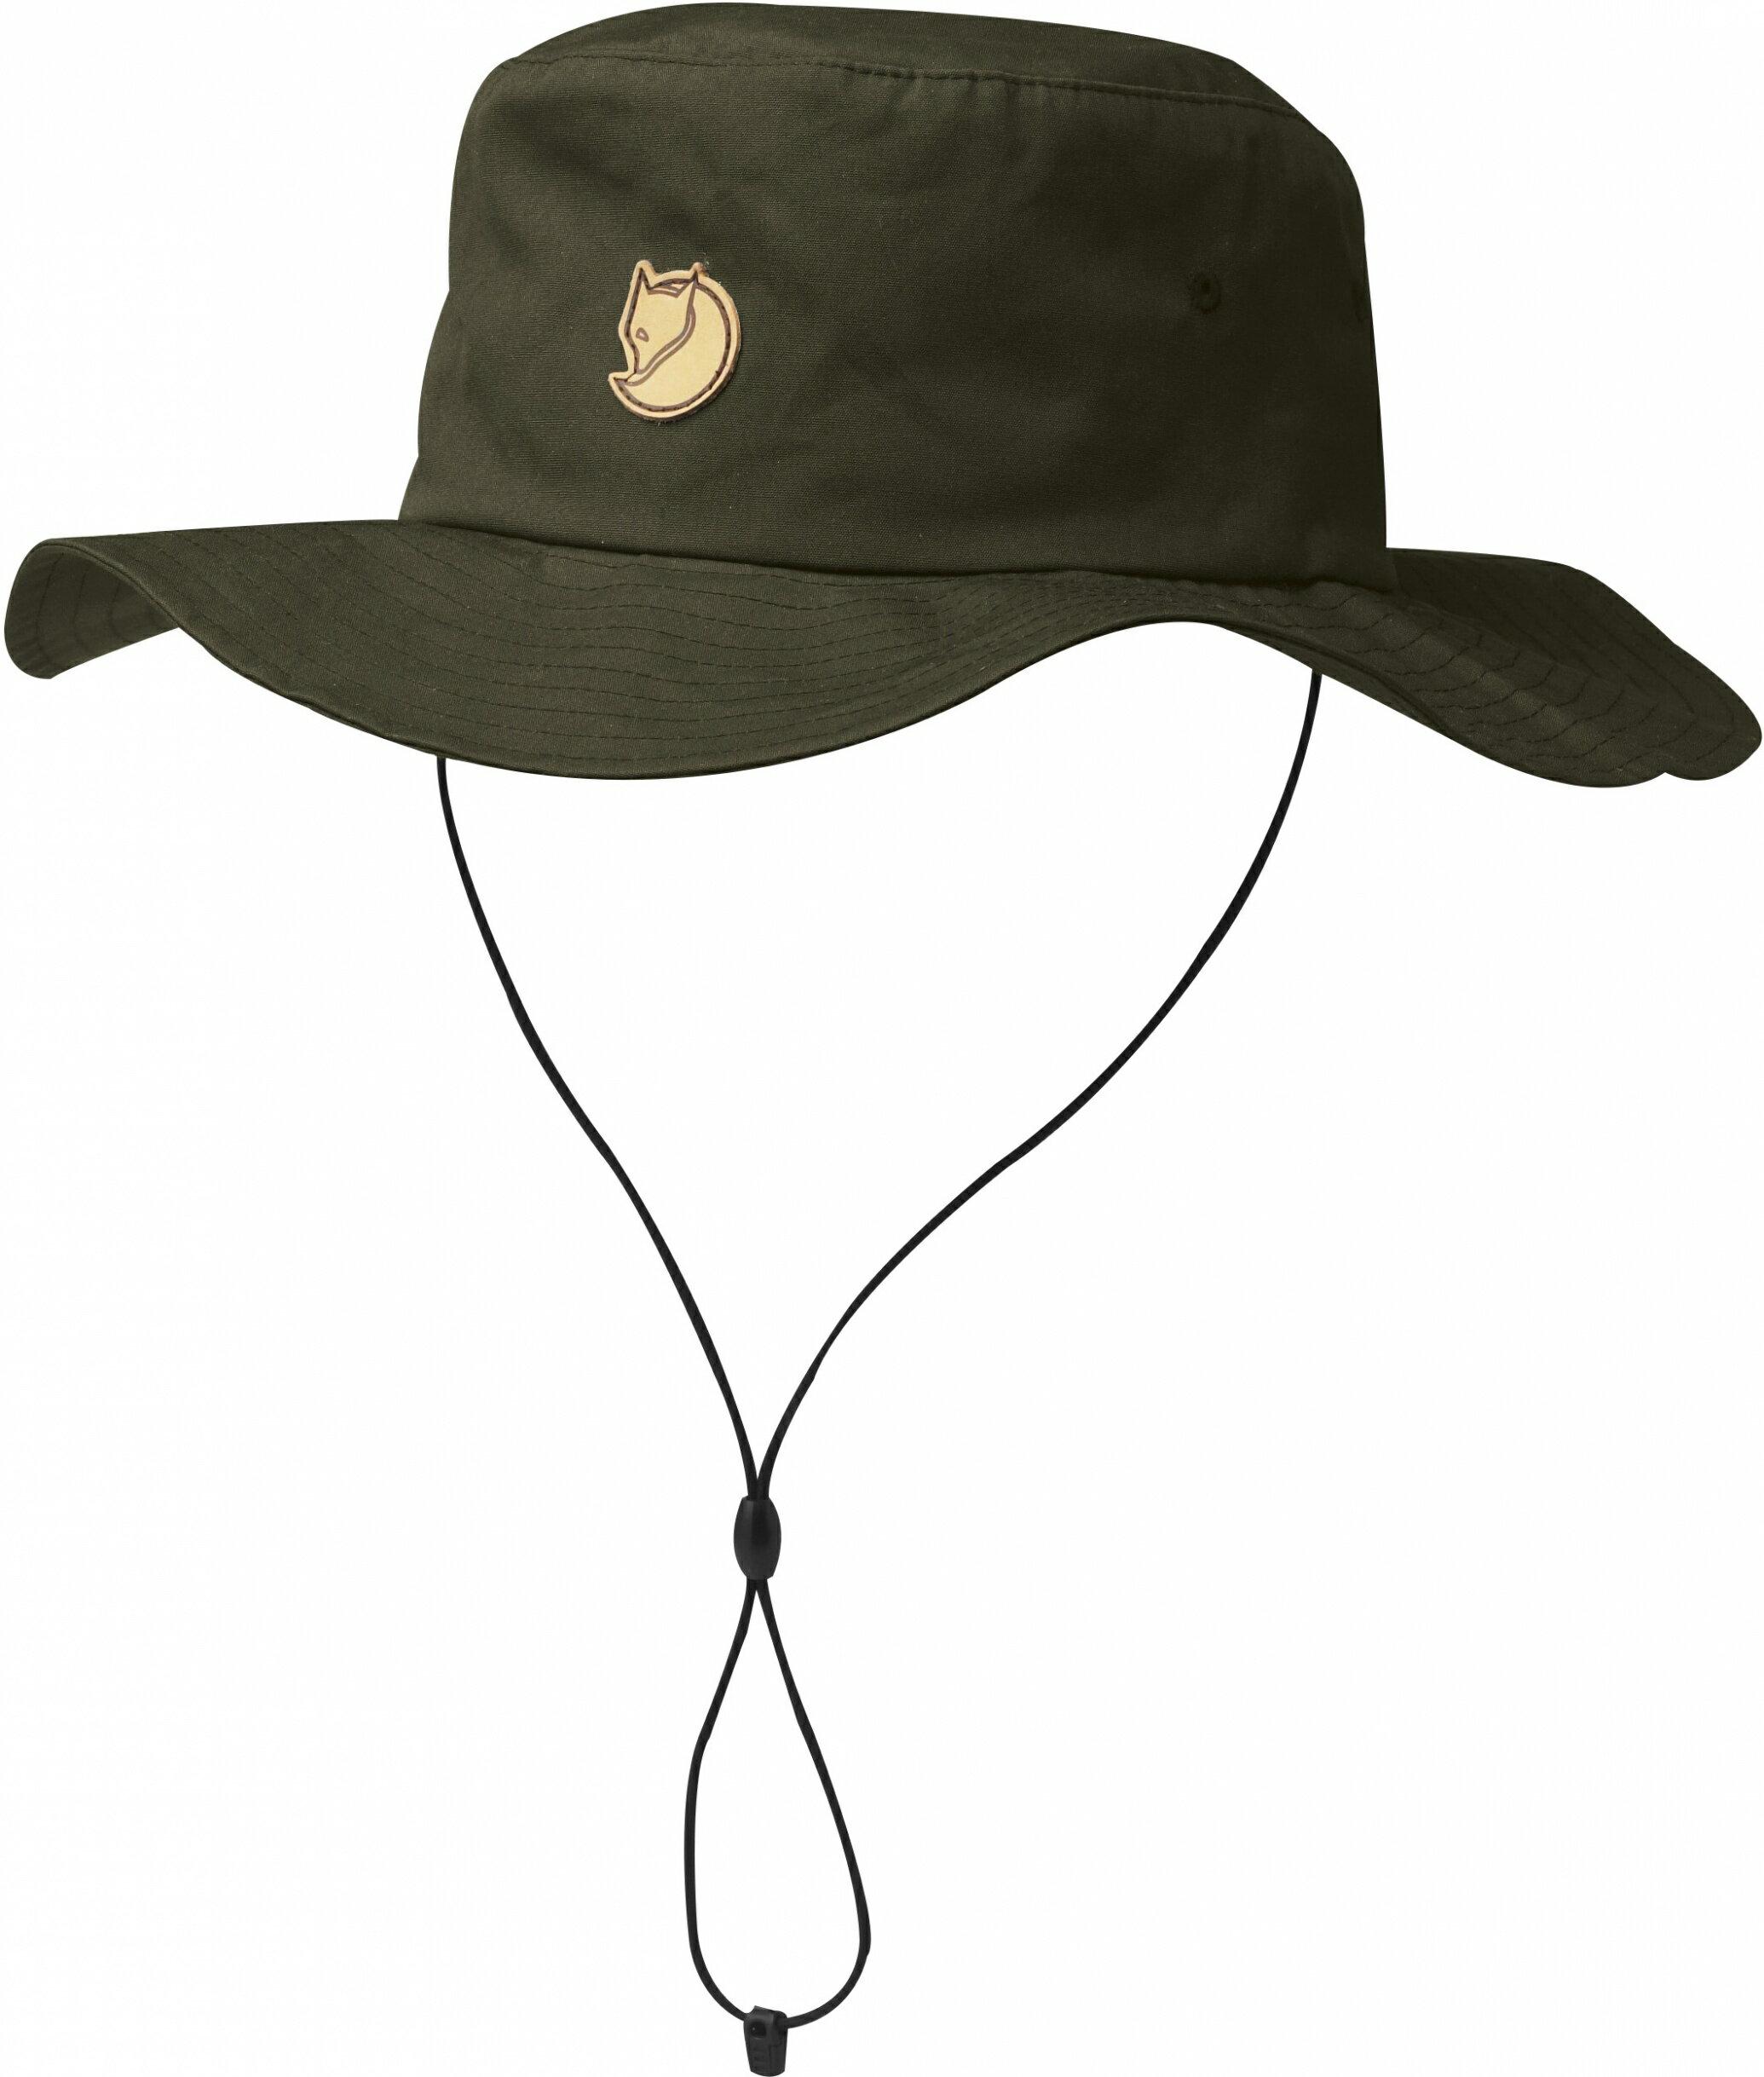 Fjallraven 瑞典北極狐 Hatfield 復古圓盤帽/獵裝帽/軍裝遮陽帽 79258 633深橄欖/台北山水